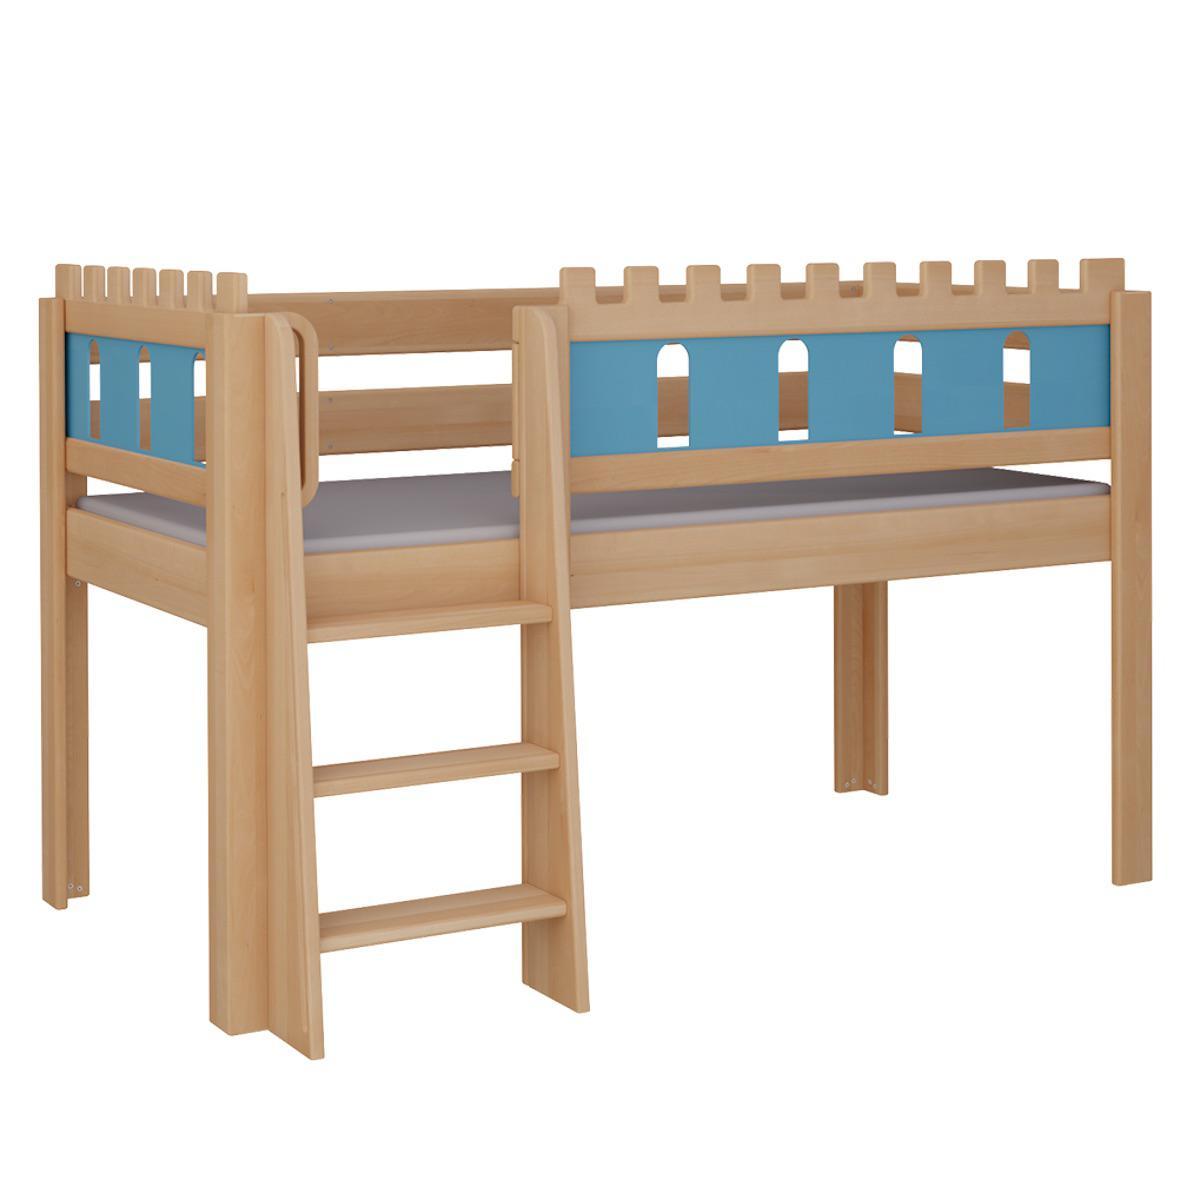 Burg halbhohes Bett mit Leiterstiege DELUXE De Breuyn natur geölt Füllungen blau